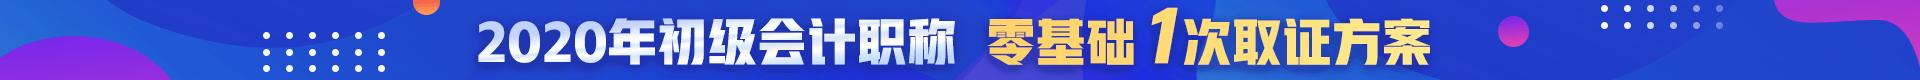 中华会计网校初级价格